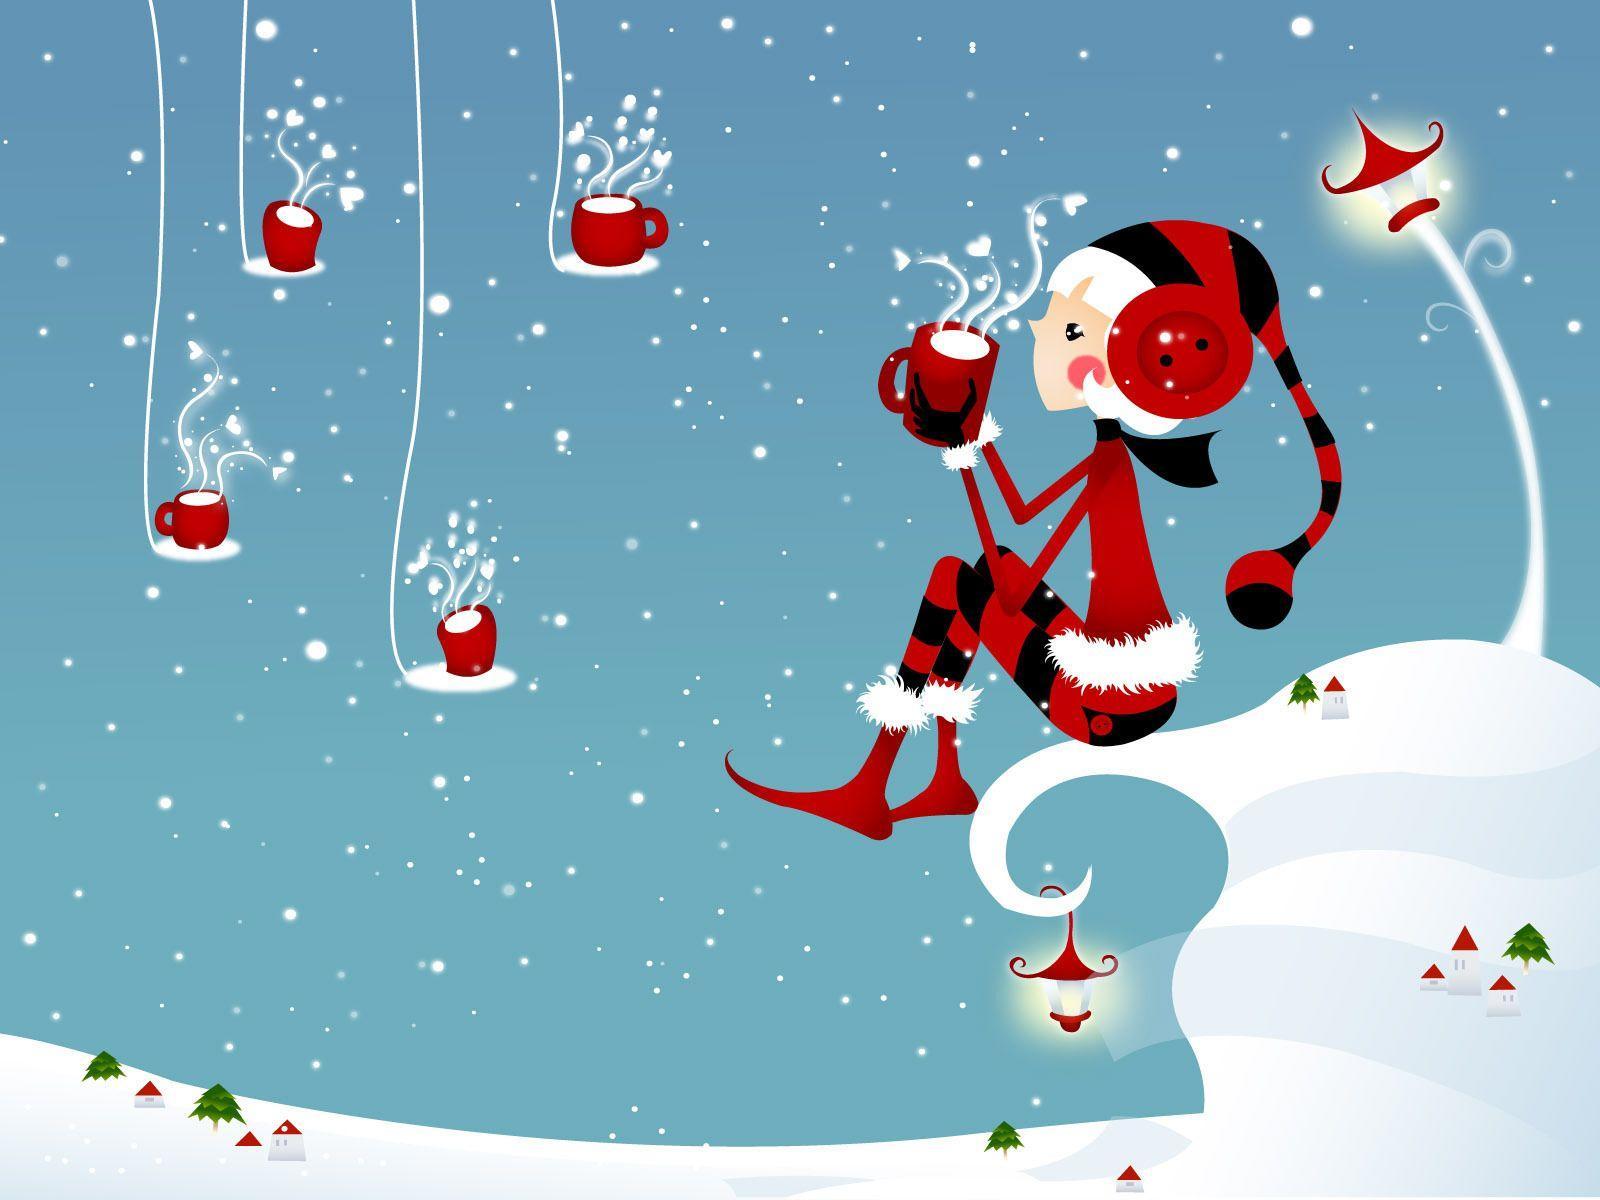 Cute Christmas Desktop Backgrounds - Wallpaper Cave Cute Christmas Wallpaper